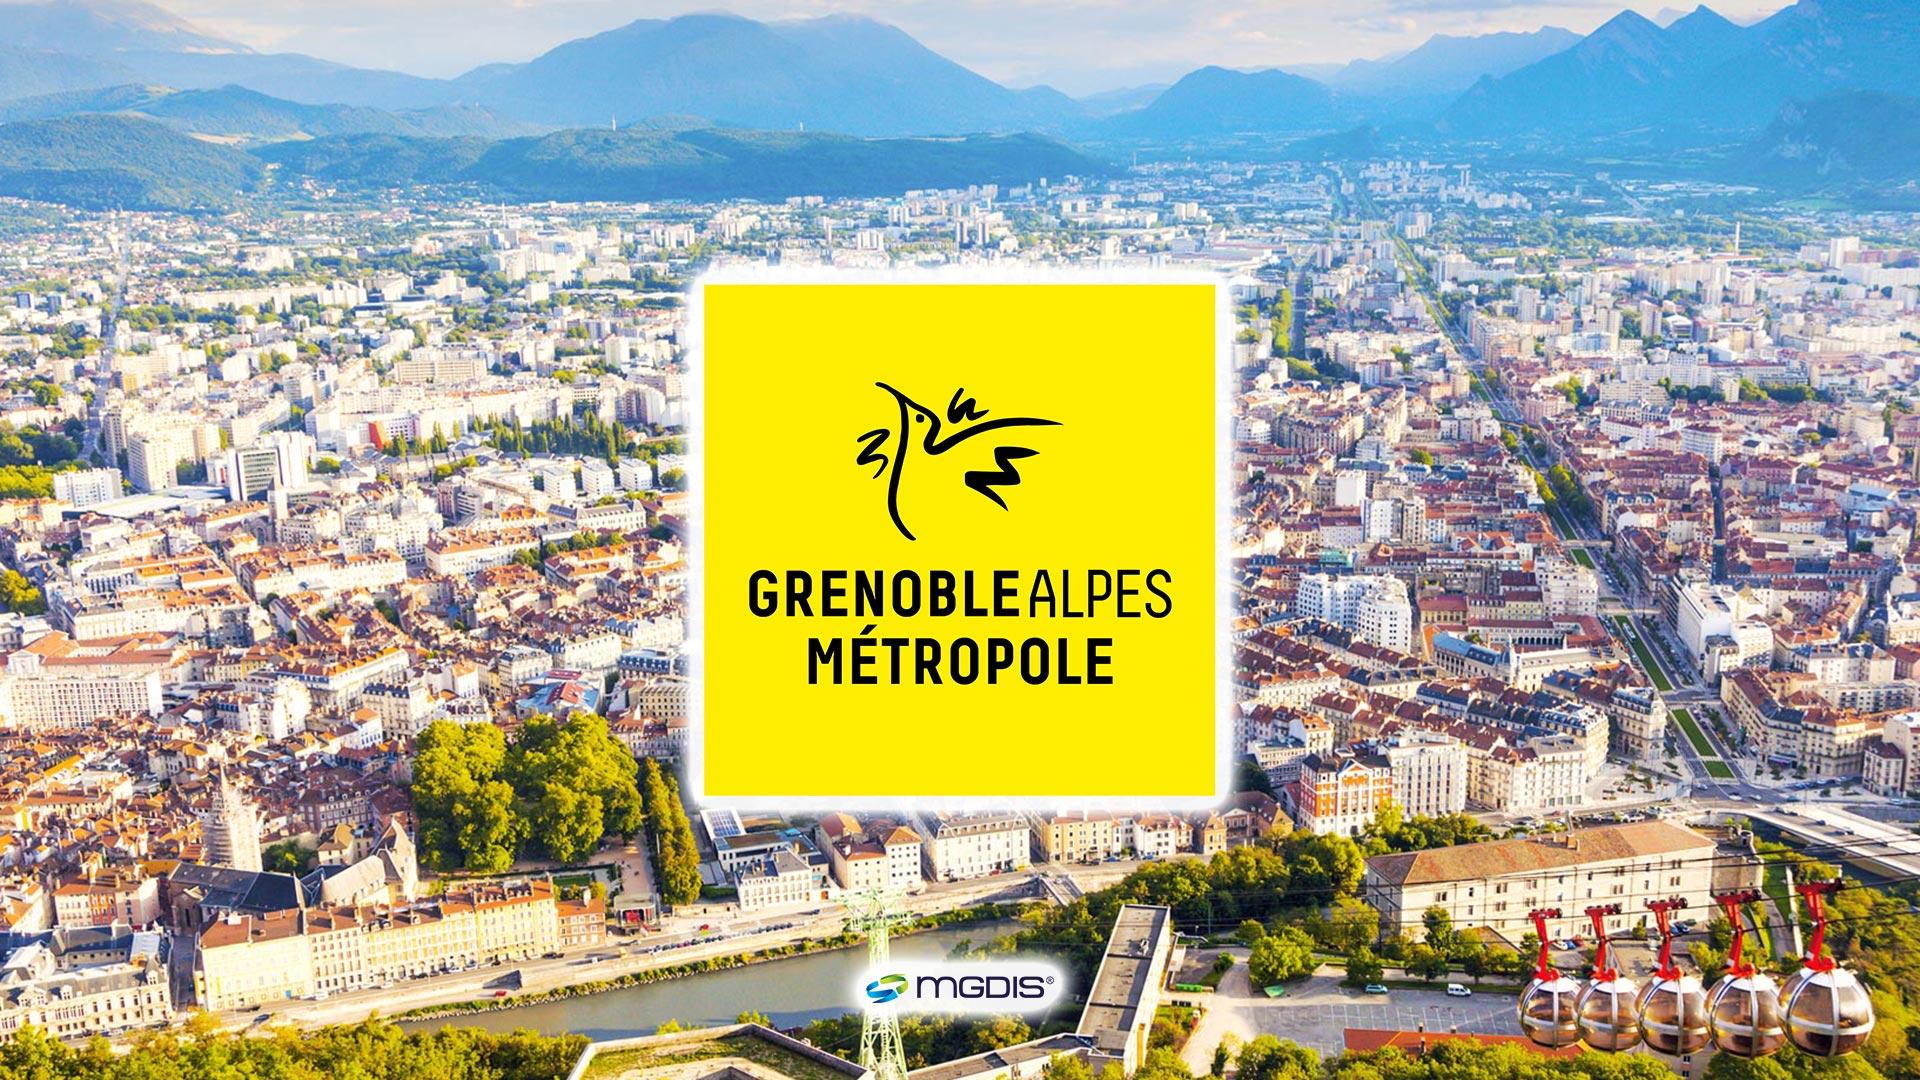 Grenoble Alpes Métropole Portail des aides MGDIS